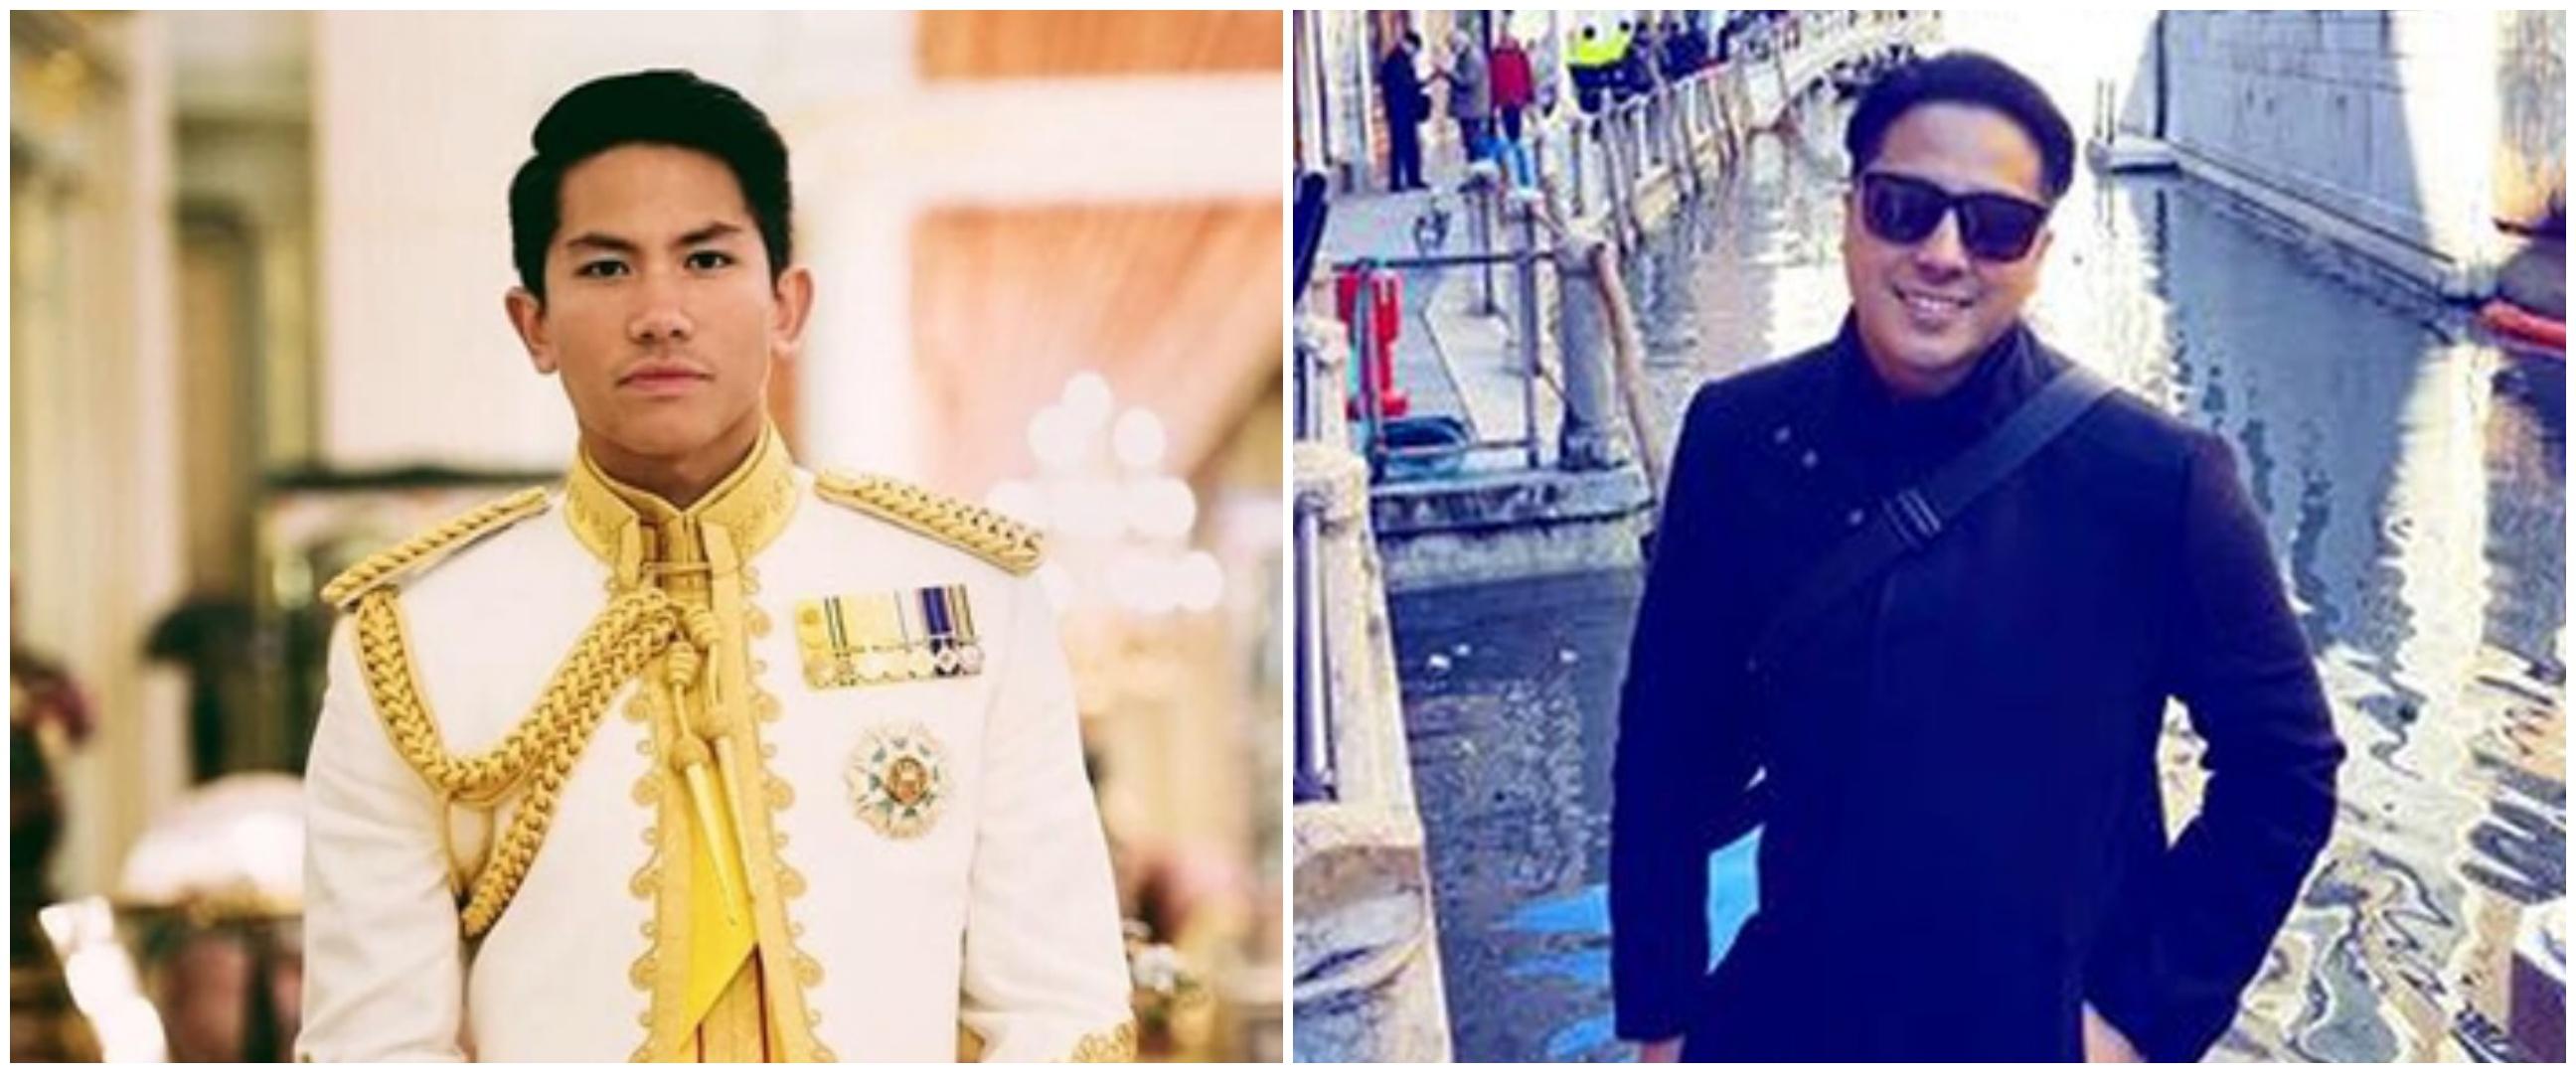 7 Pesona BRM Syailendra, tak kalah ganteng dari Pangeran Brunei